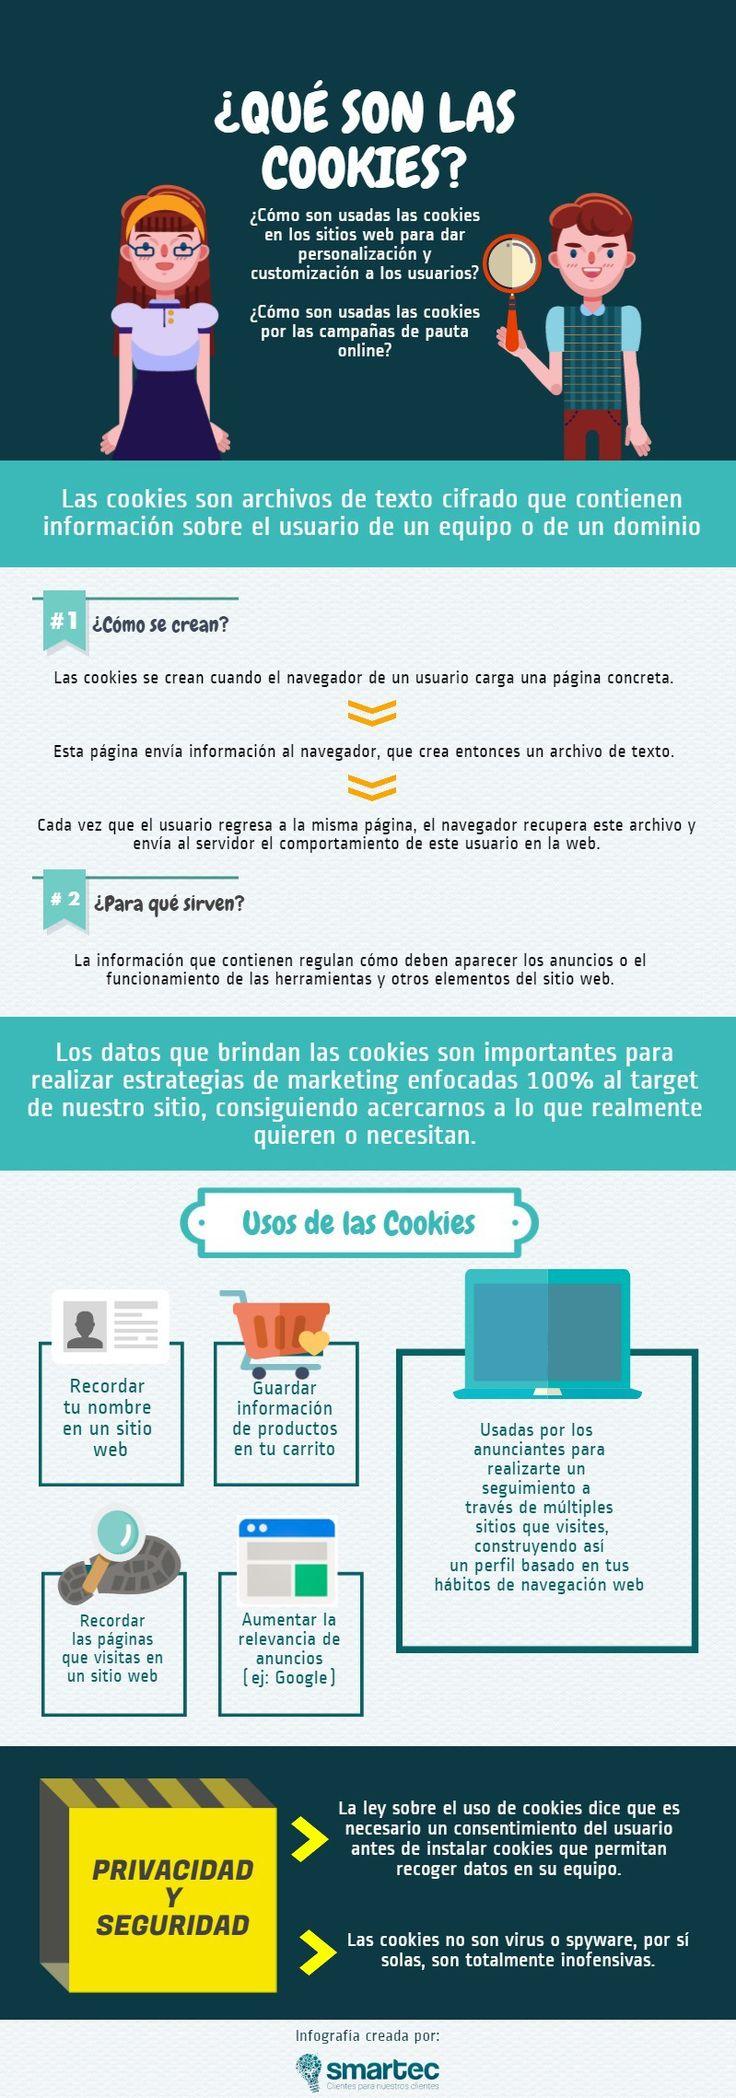 ¿Qué son las cookies? (scheduled via http://www.tailwindapp.com?utm_source=pinterest&utm_medium=twpin&utm_content=post6208708&utm_campaign=scheduler_attribution)